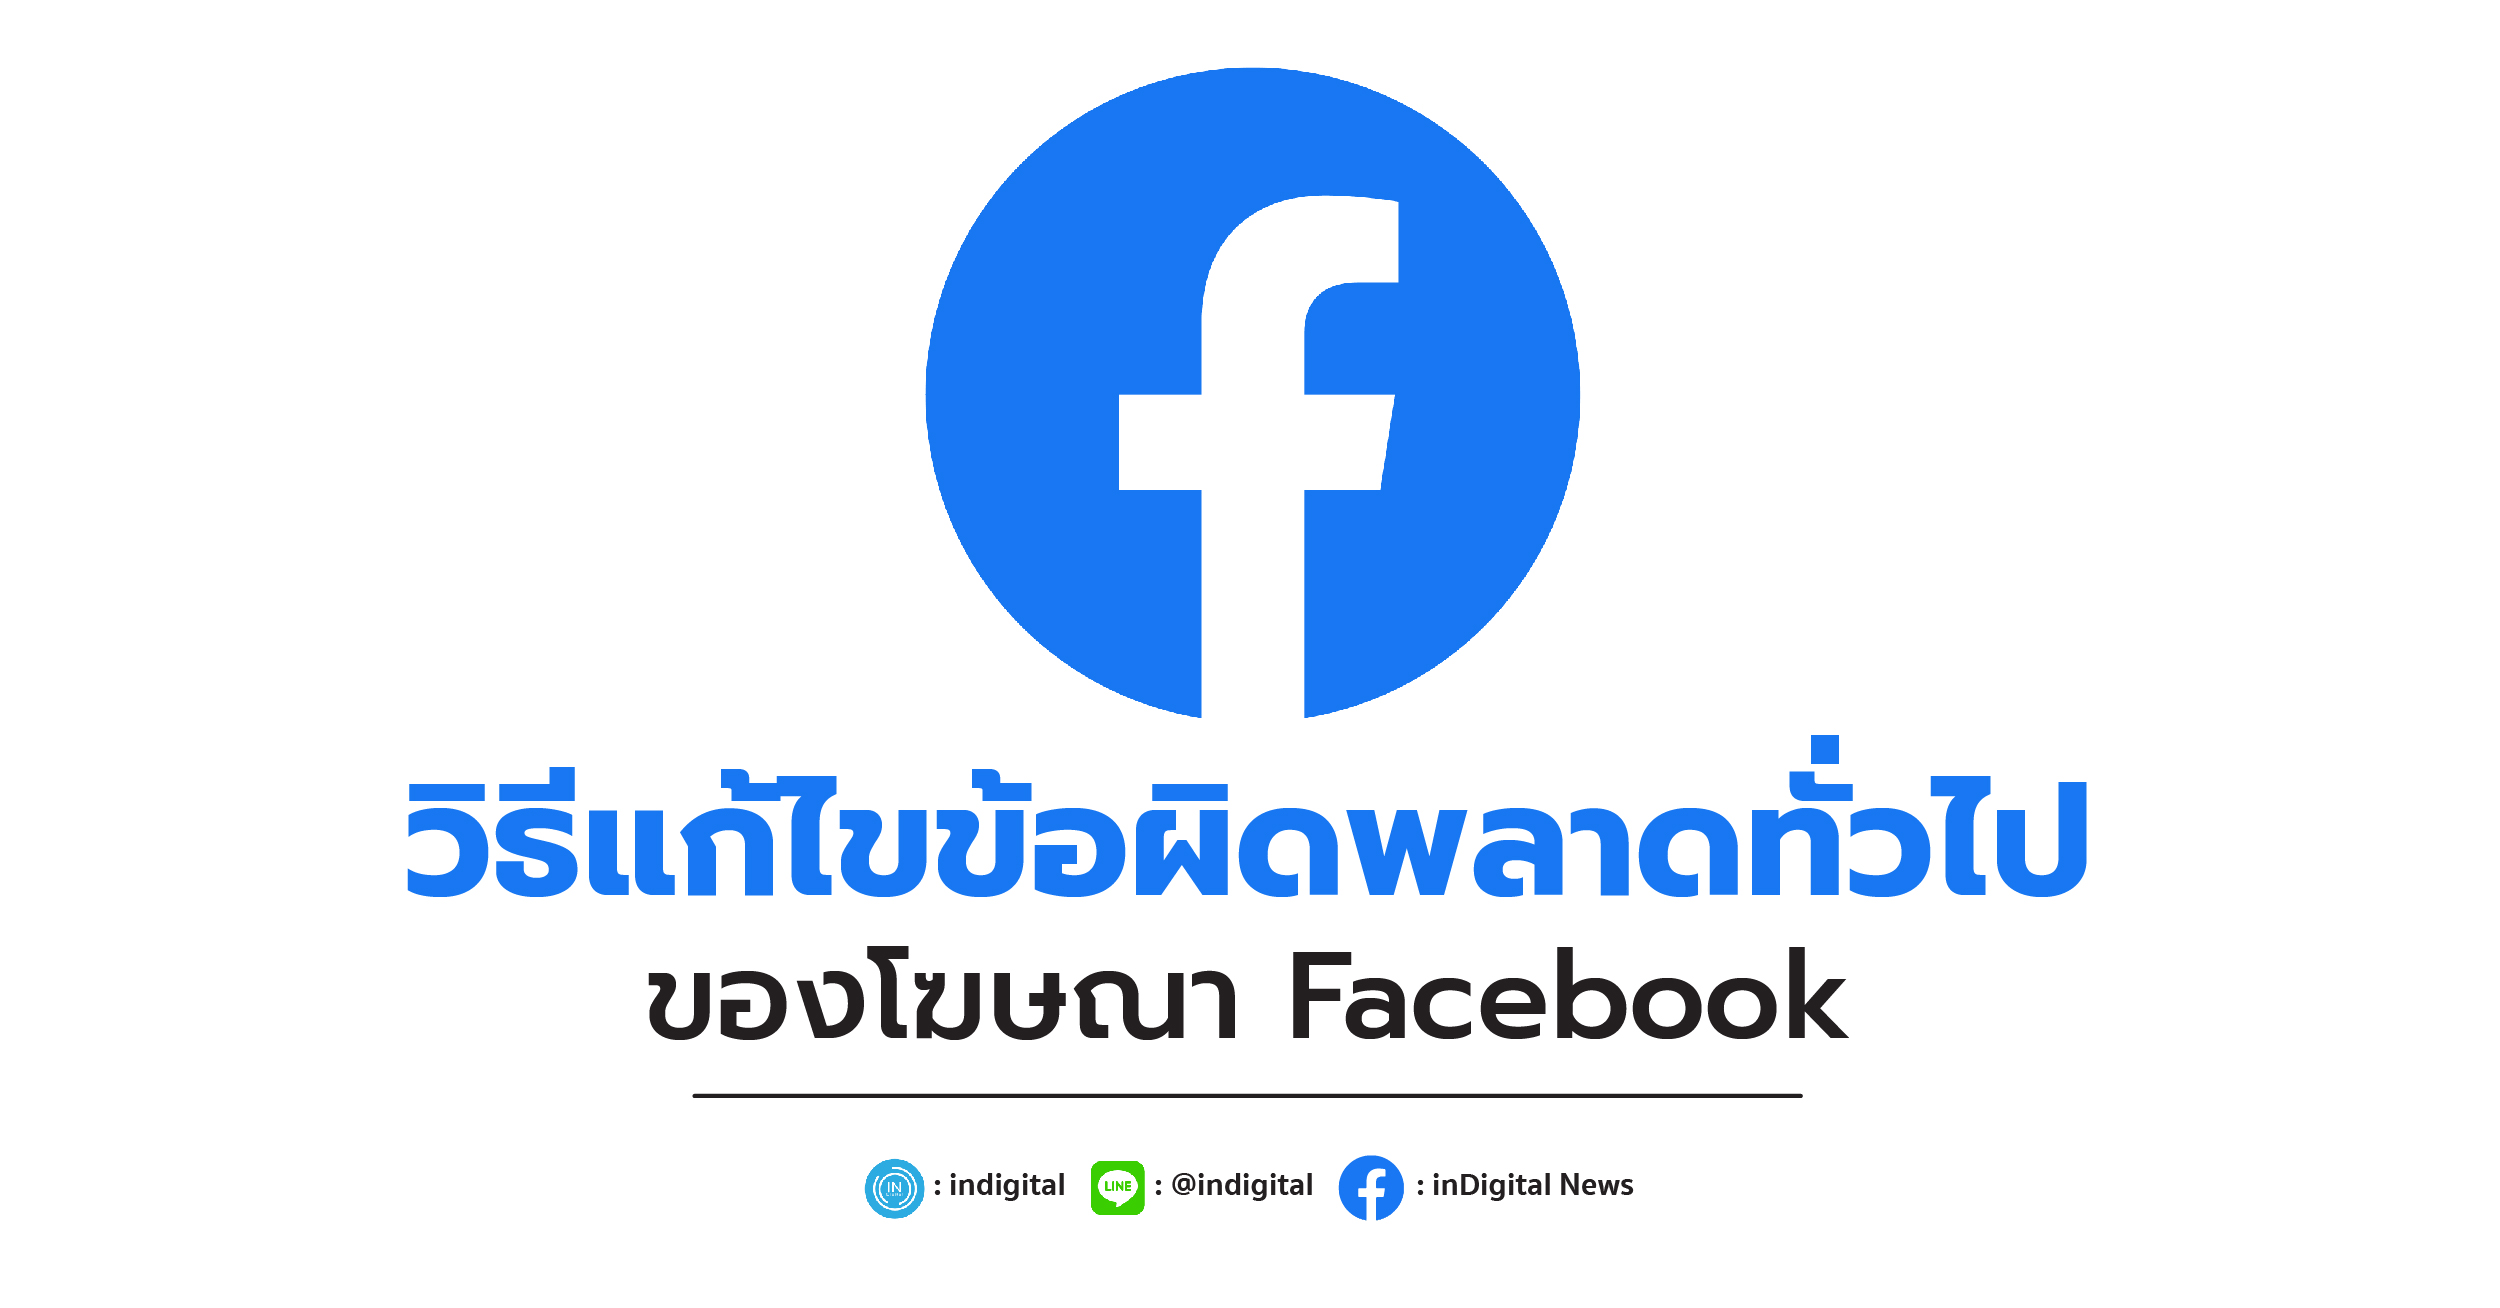 วิธีแก้ไขข้อผิดพลาดทั่วไปของโฆษณา Facebook